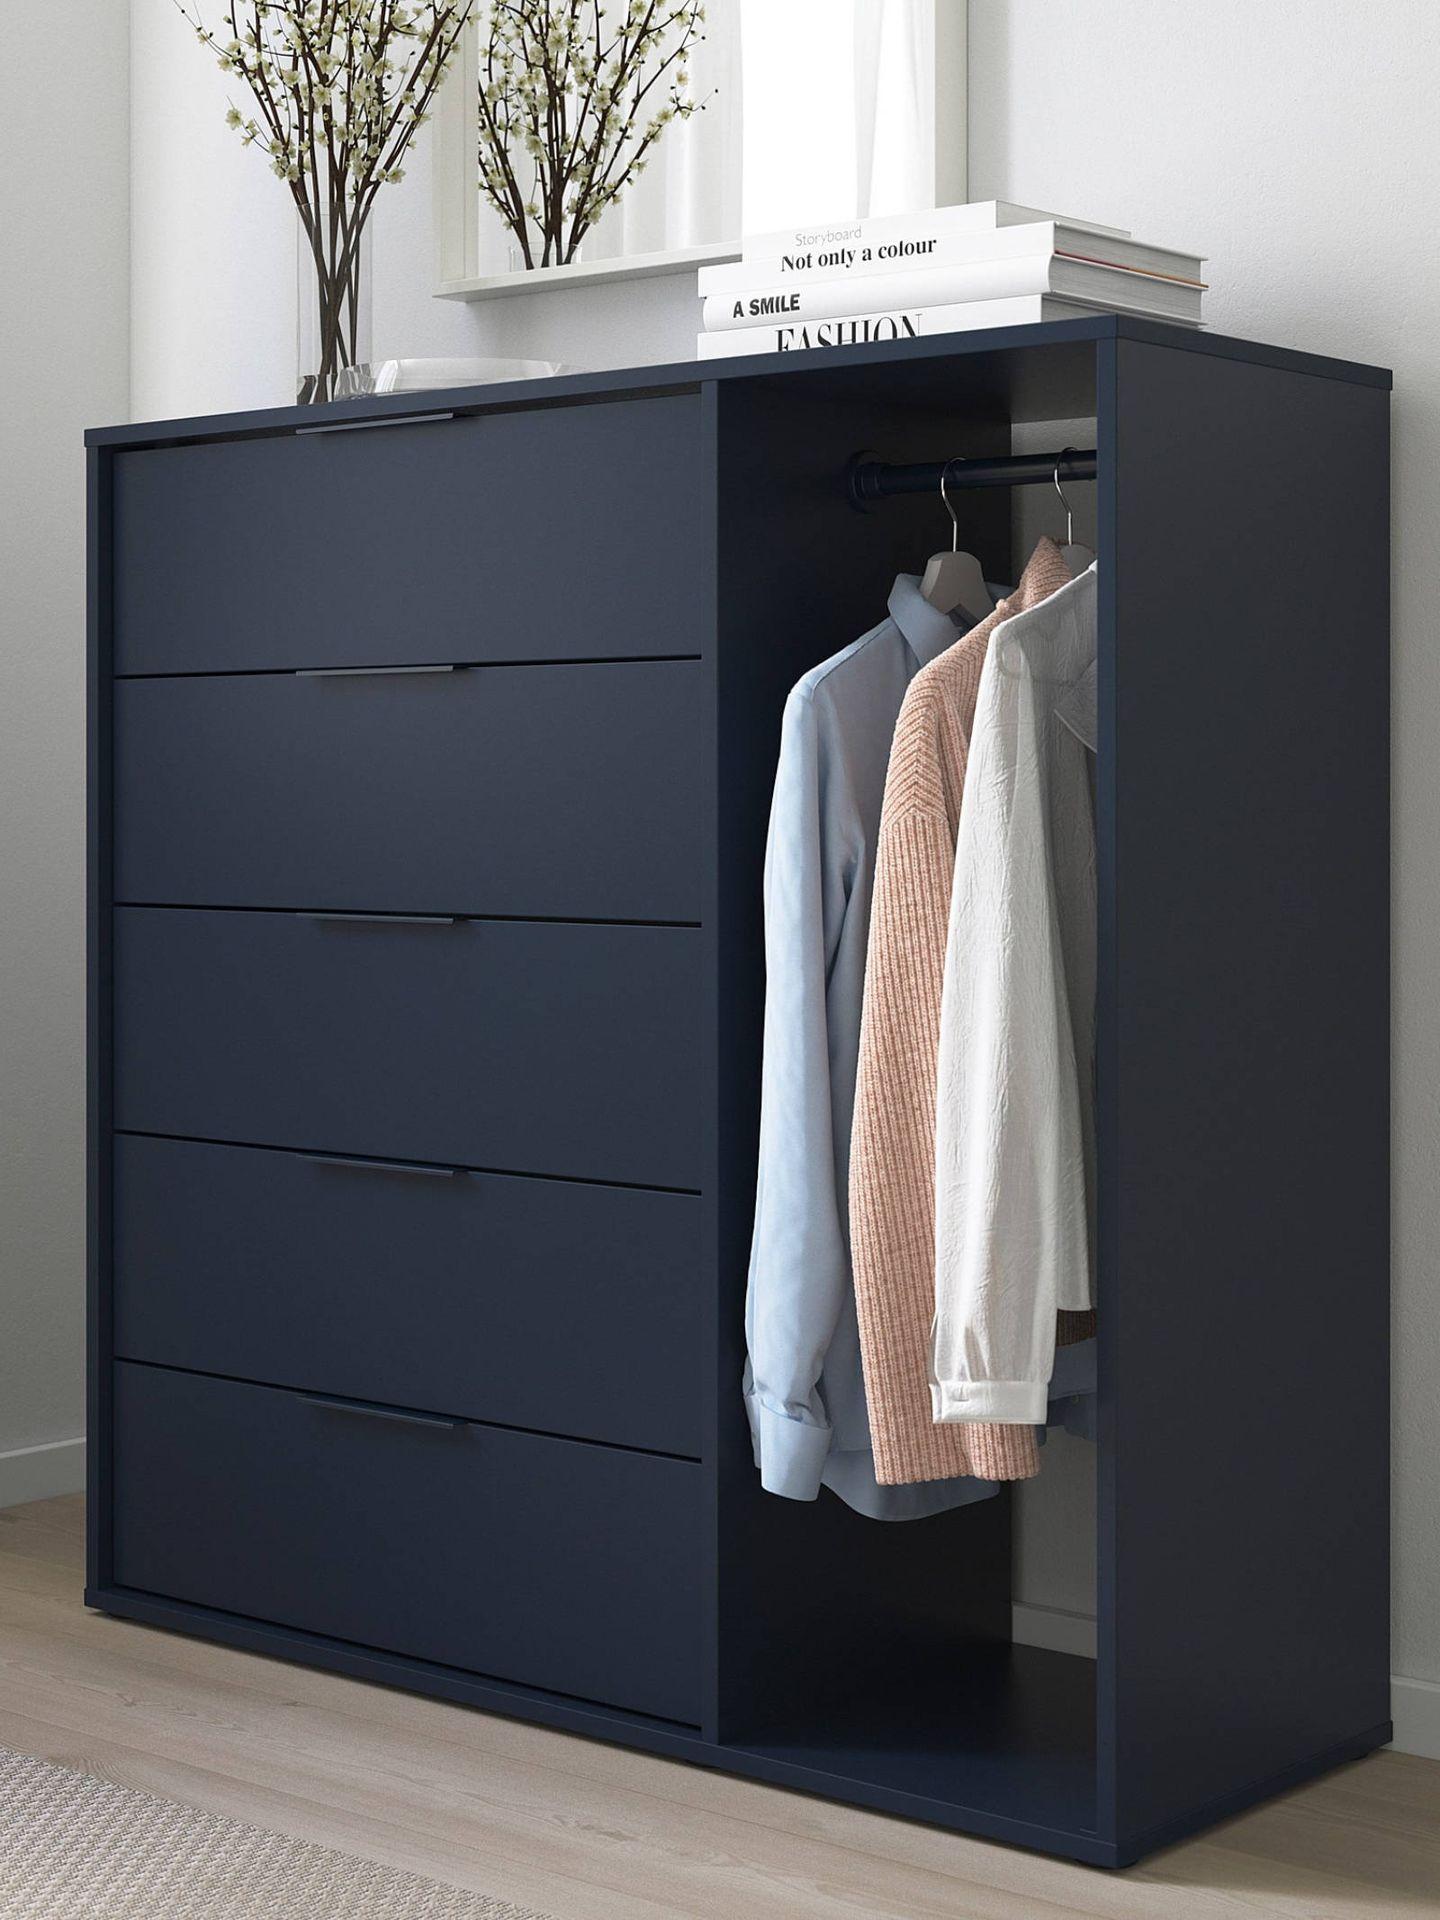 Esta cómoda de Ikea es perfecta para un dormitorio pequeño. (Cortesía)